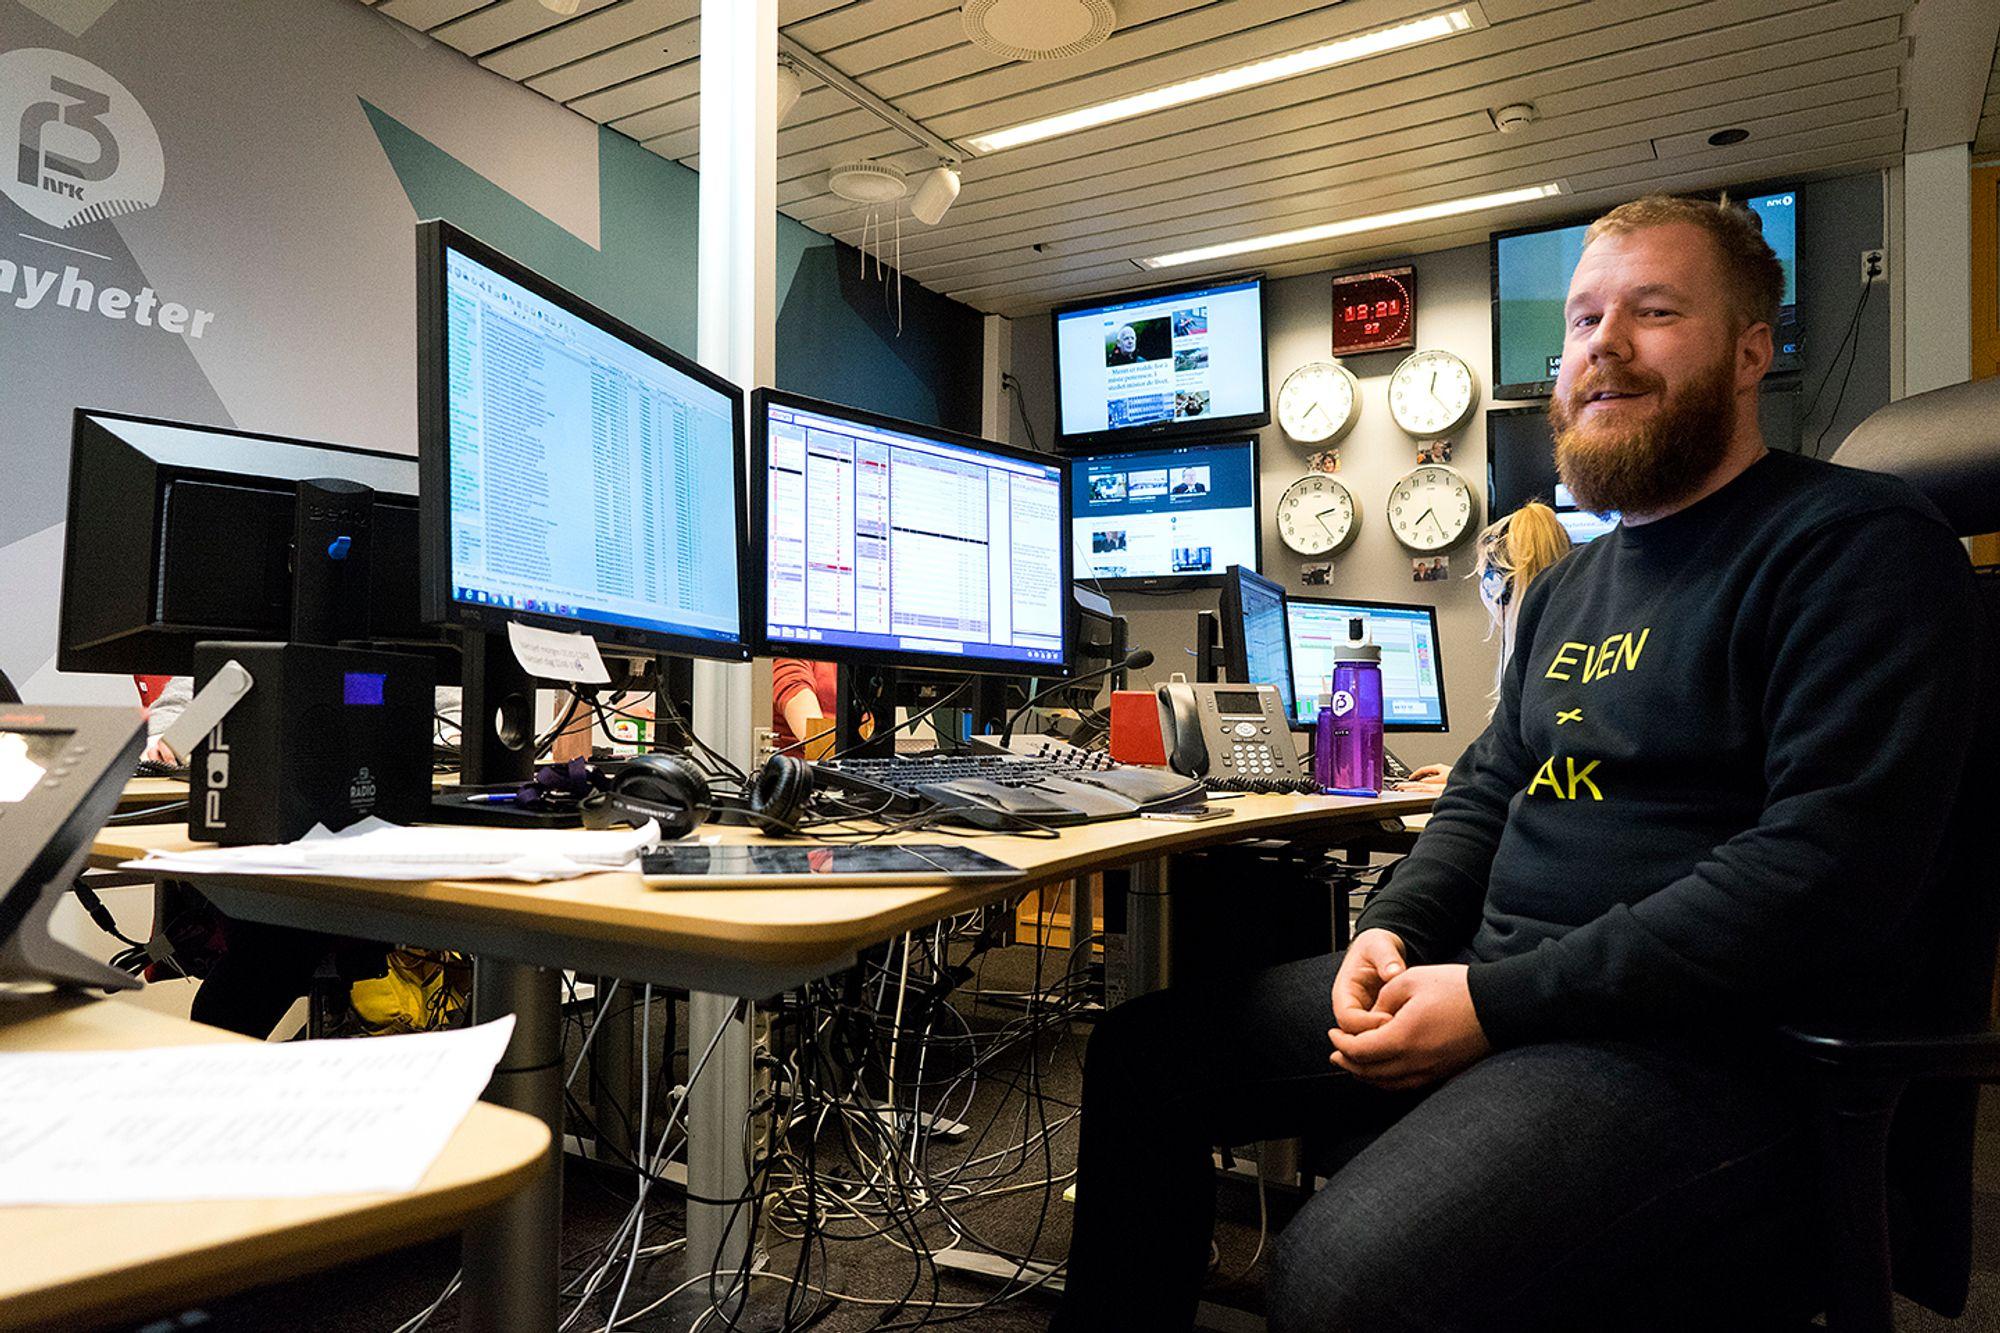 Gruppeleder Even Nielsen i P3nyheter holder styr på sine fem ansatte. Her fra kontoret på Tyholt i Trondheim.